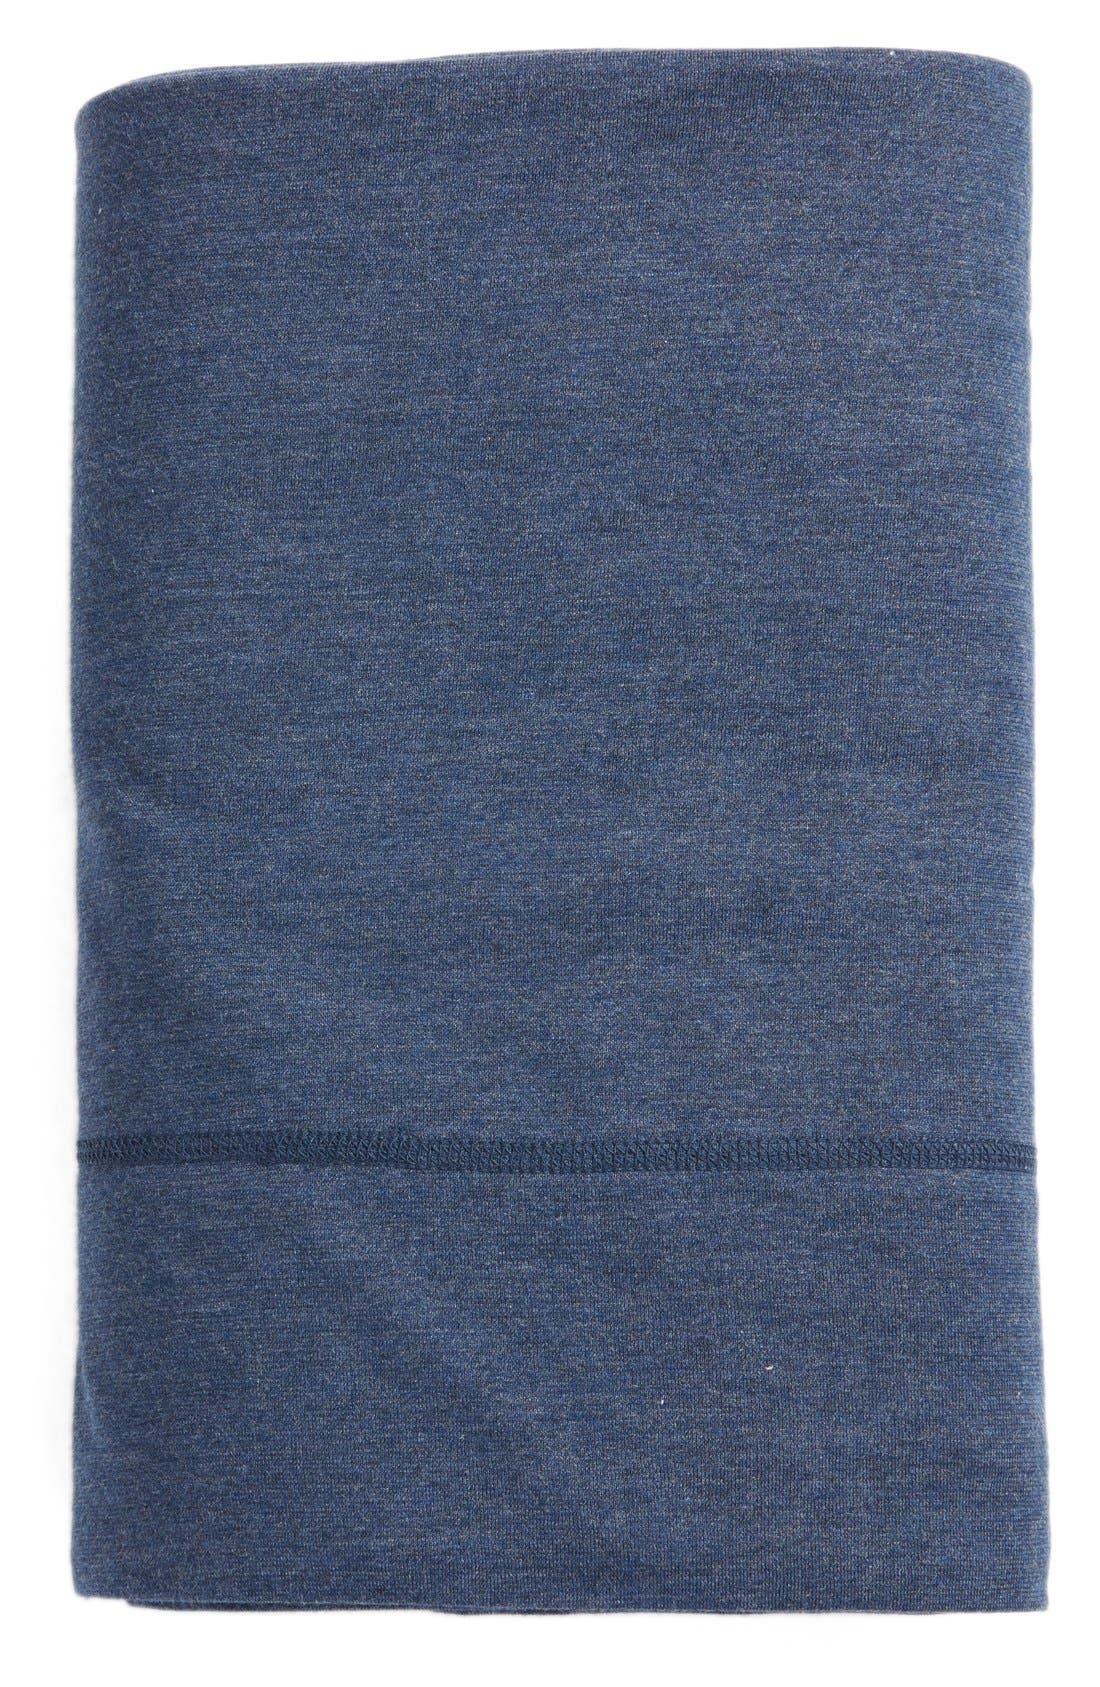 Calvin Klein Modern Cotton Collection Cotton & Modal Flat Sheet,                         Main,                         color, Indigo